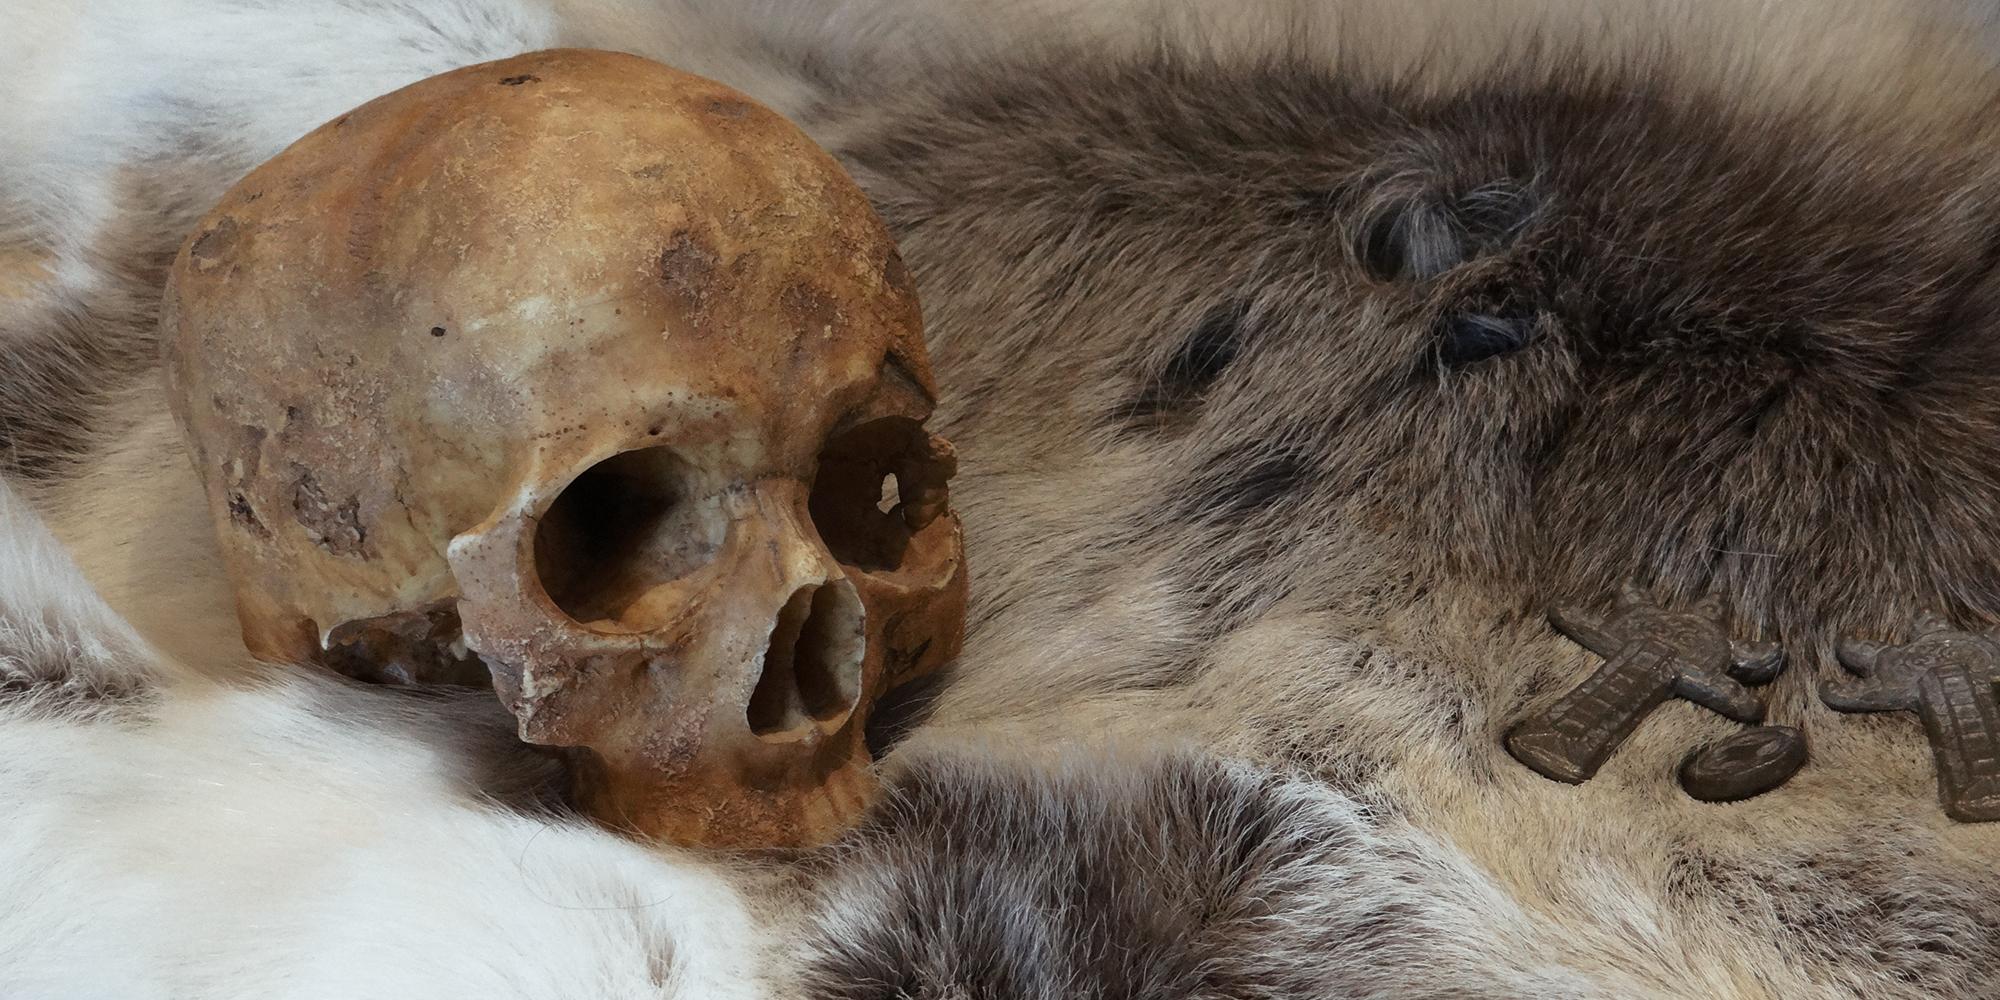 fac simile de crâne humain sculpté en résine avec des reconstitutions et fac similé de fibules et pièces